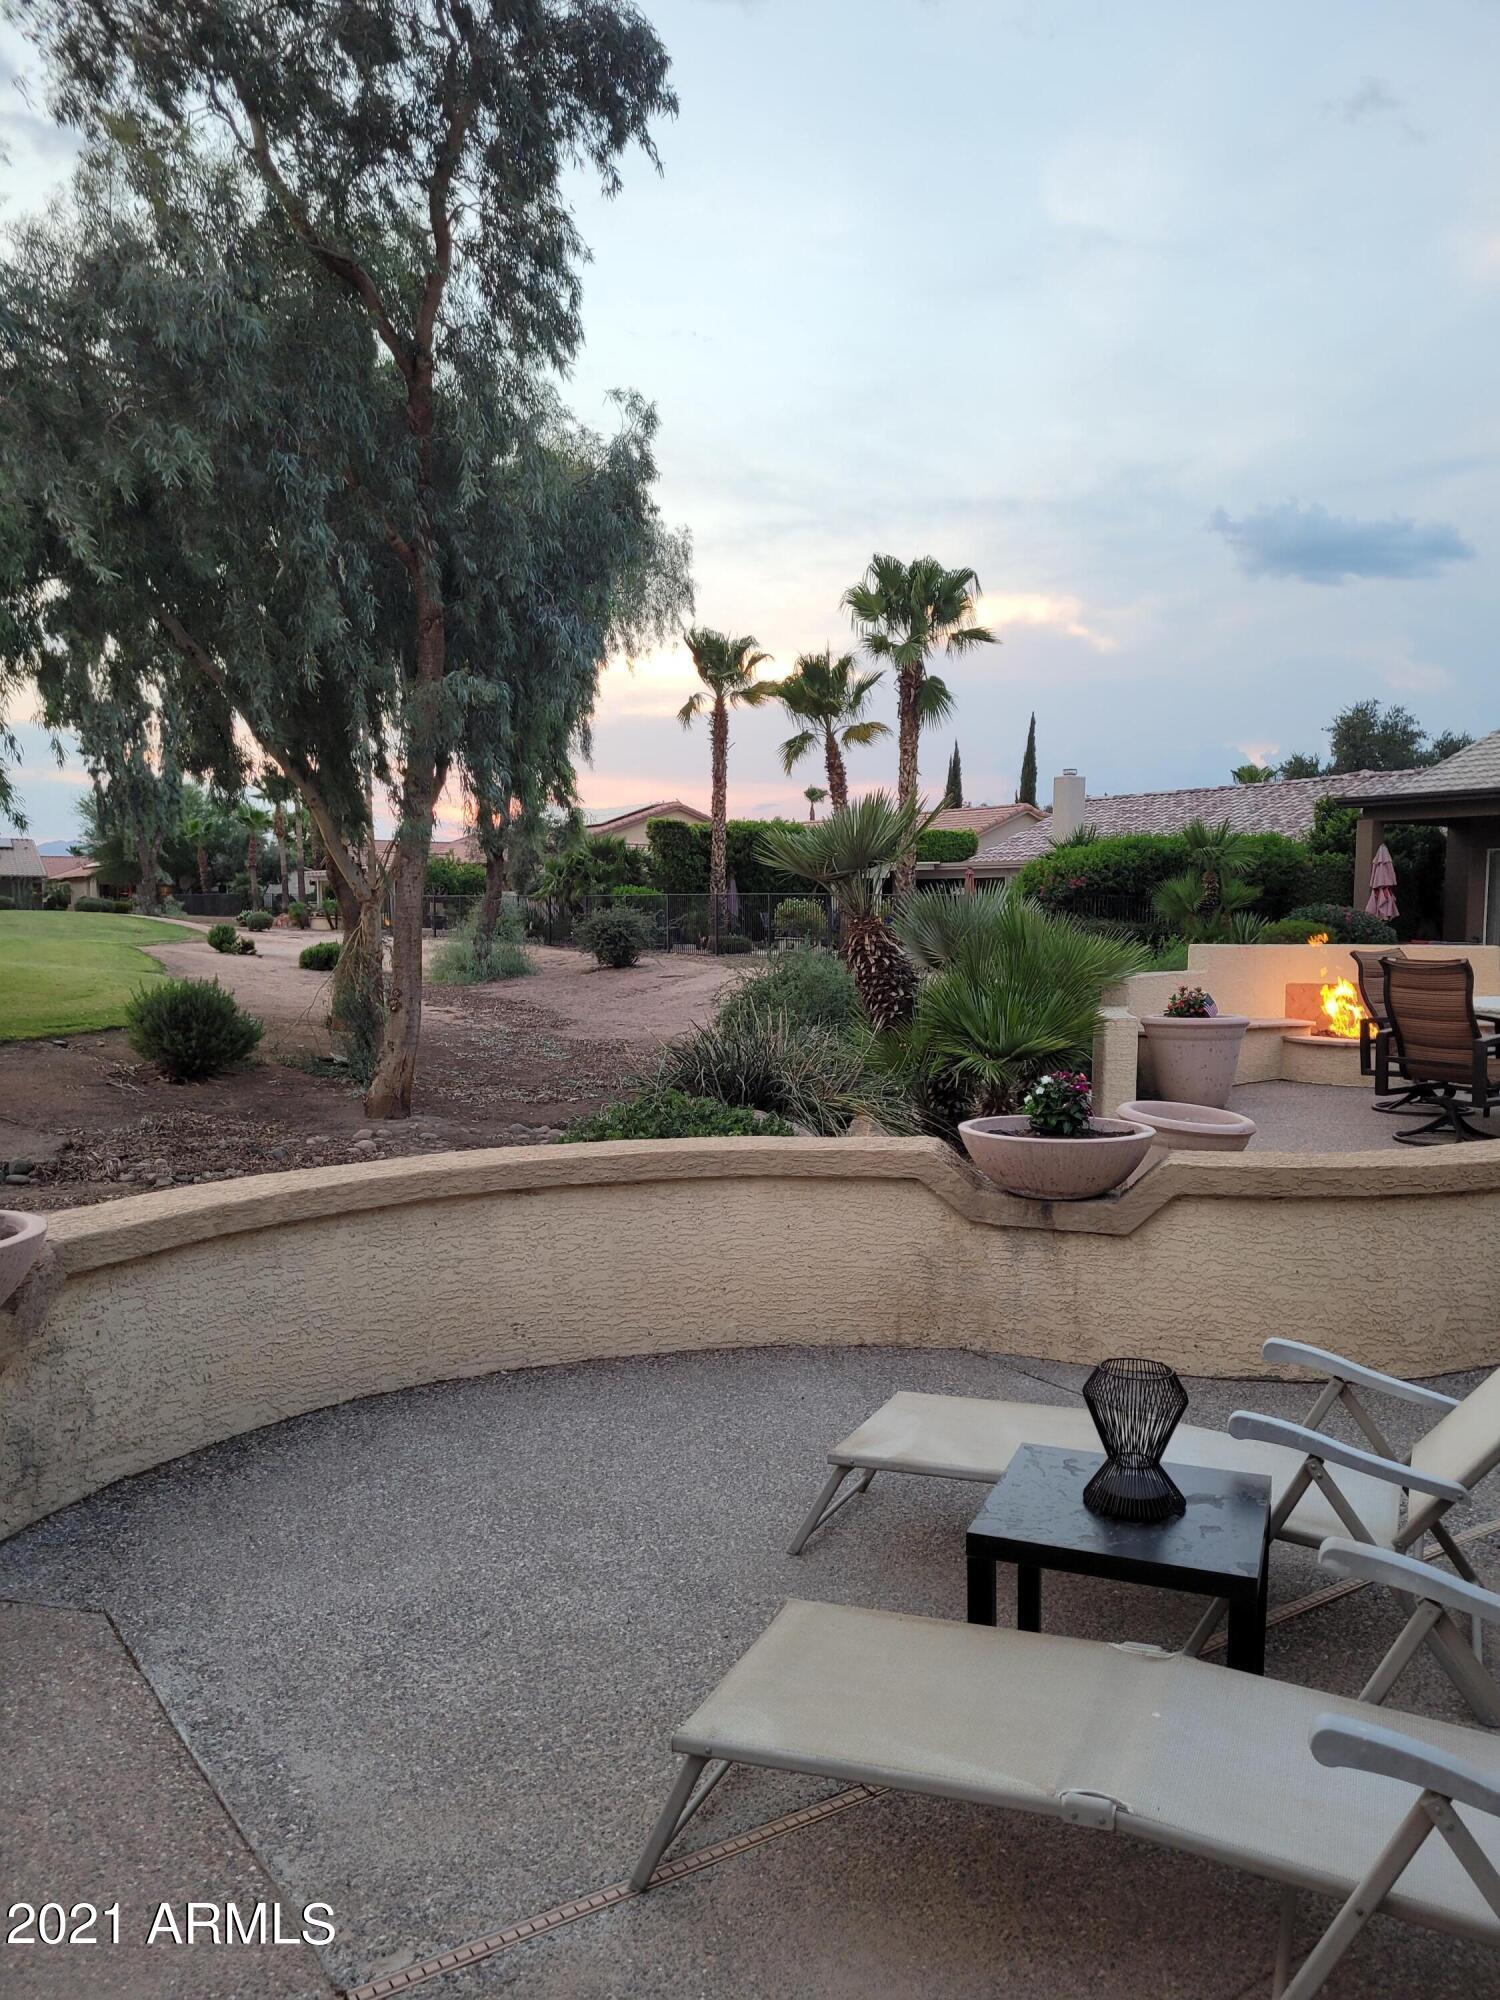 MLS 6267432 3754 N 162ND Avenue, Goodyear, AZ 85395 Goodyear AZ Pebblecreek